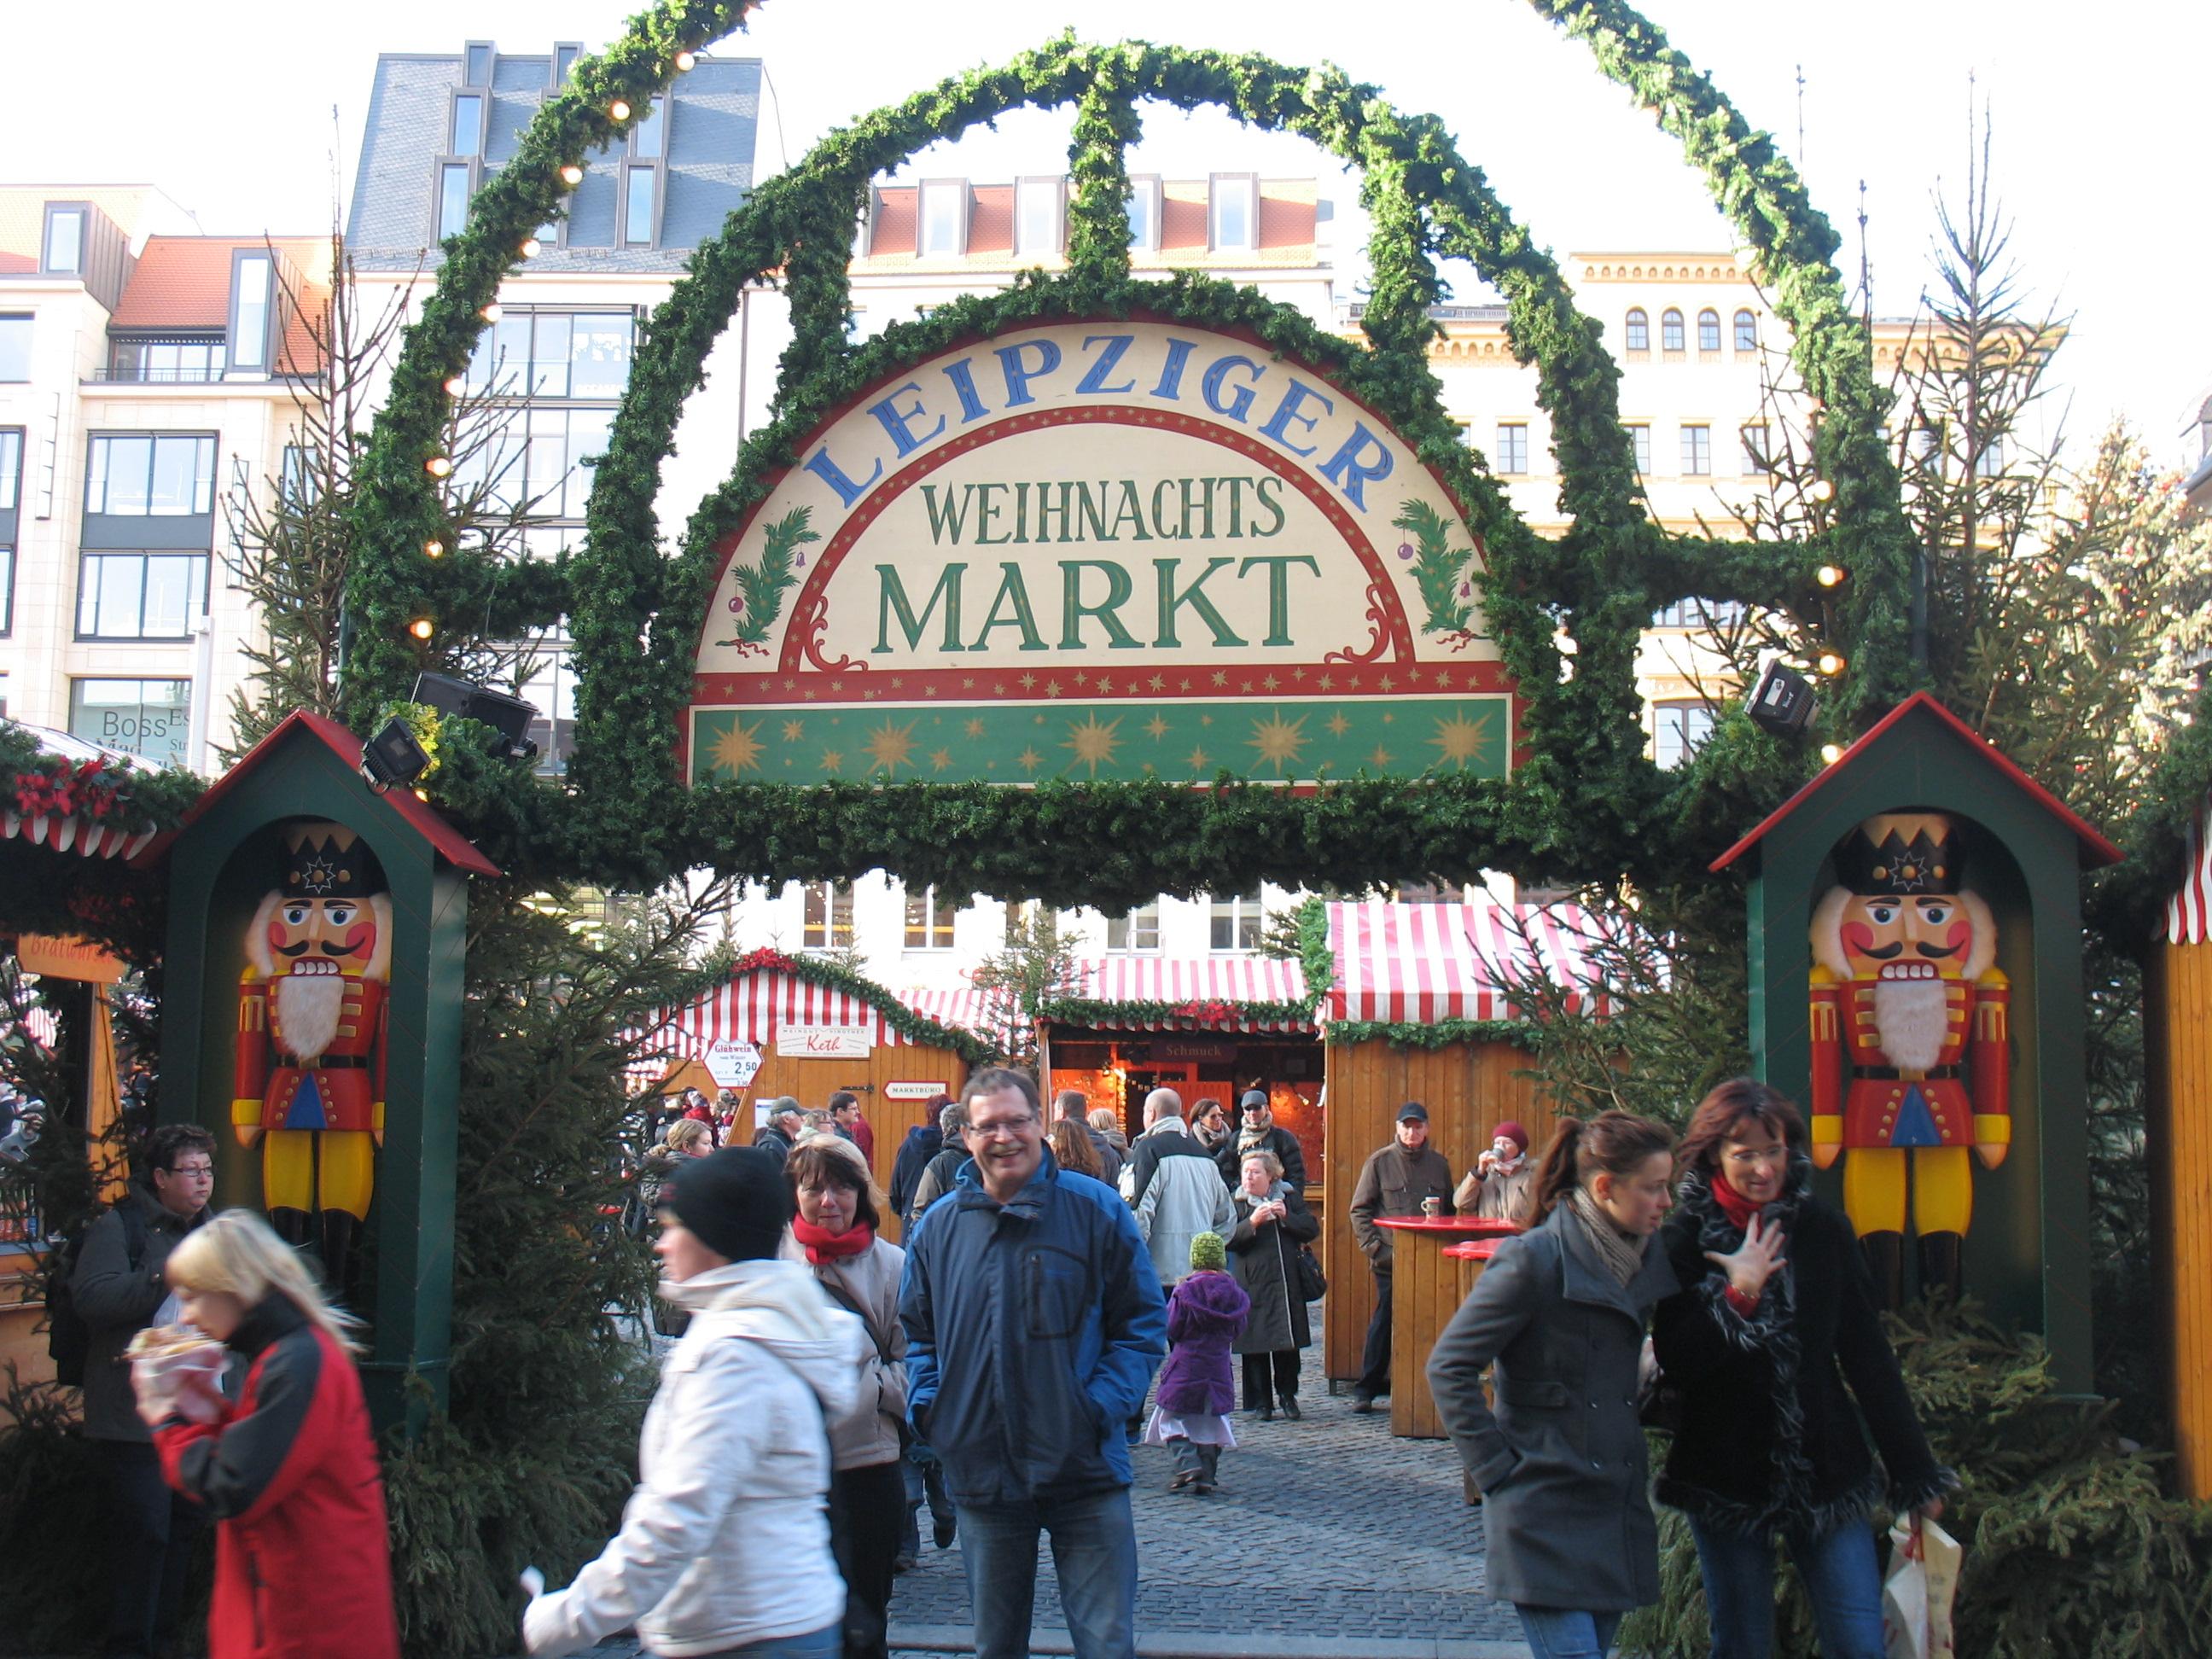 Leipziger Weihnachtsmarkt.Leipziger Weihnachtsmarkt Wikipedia